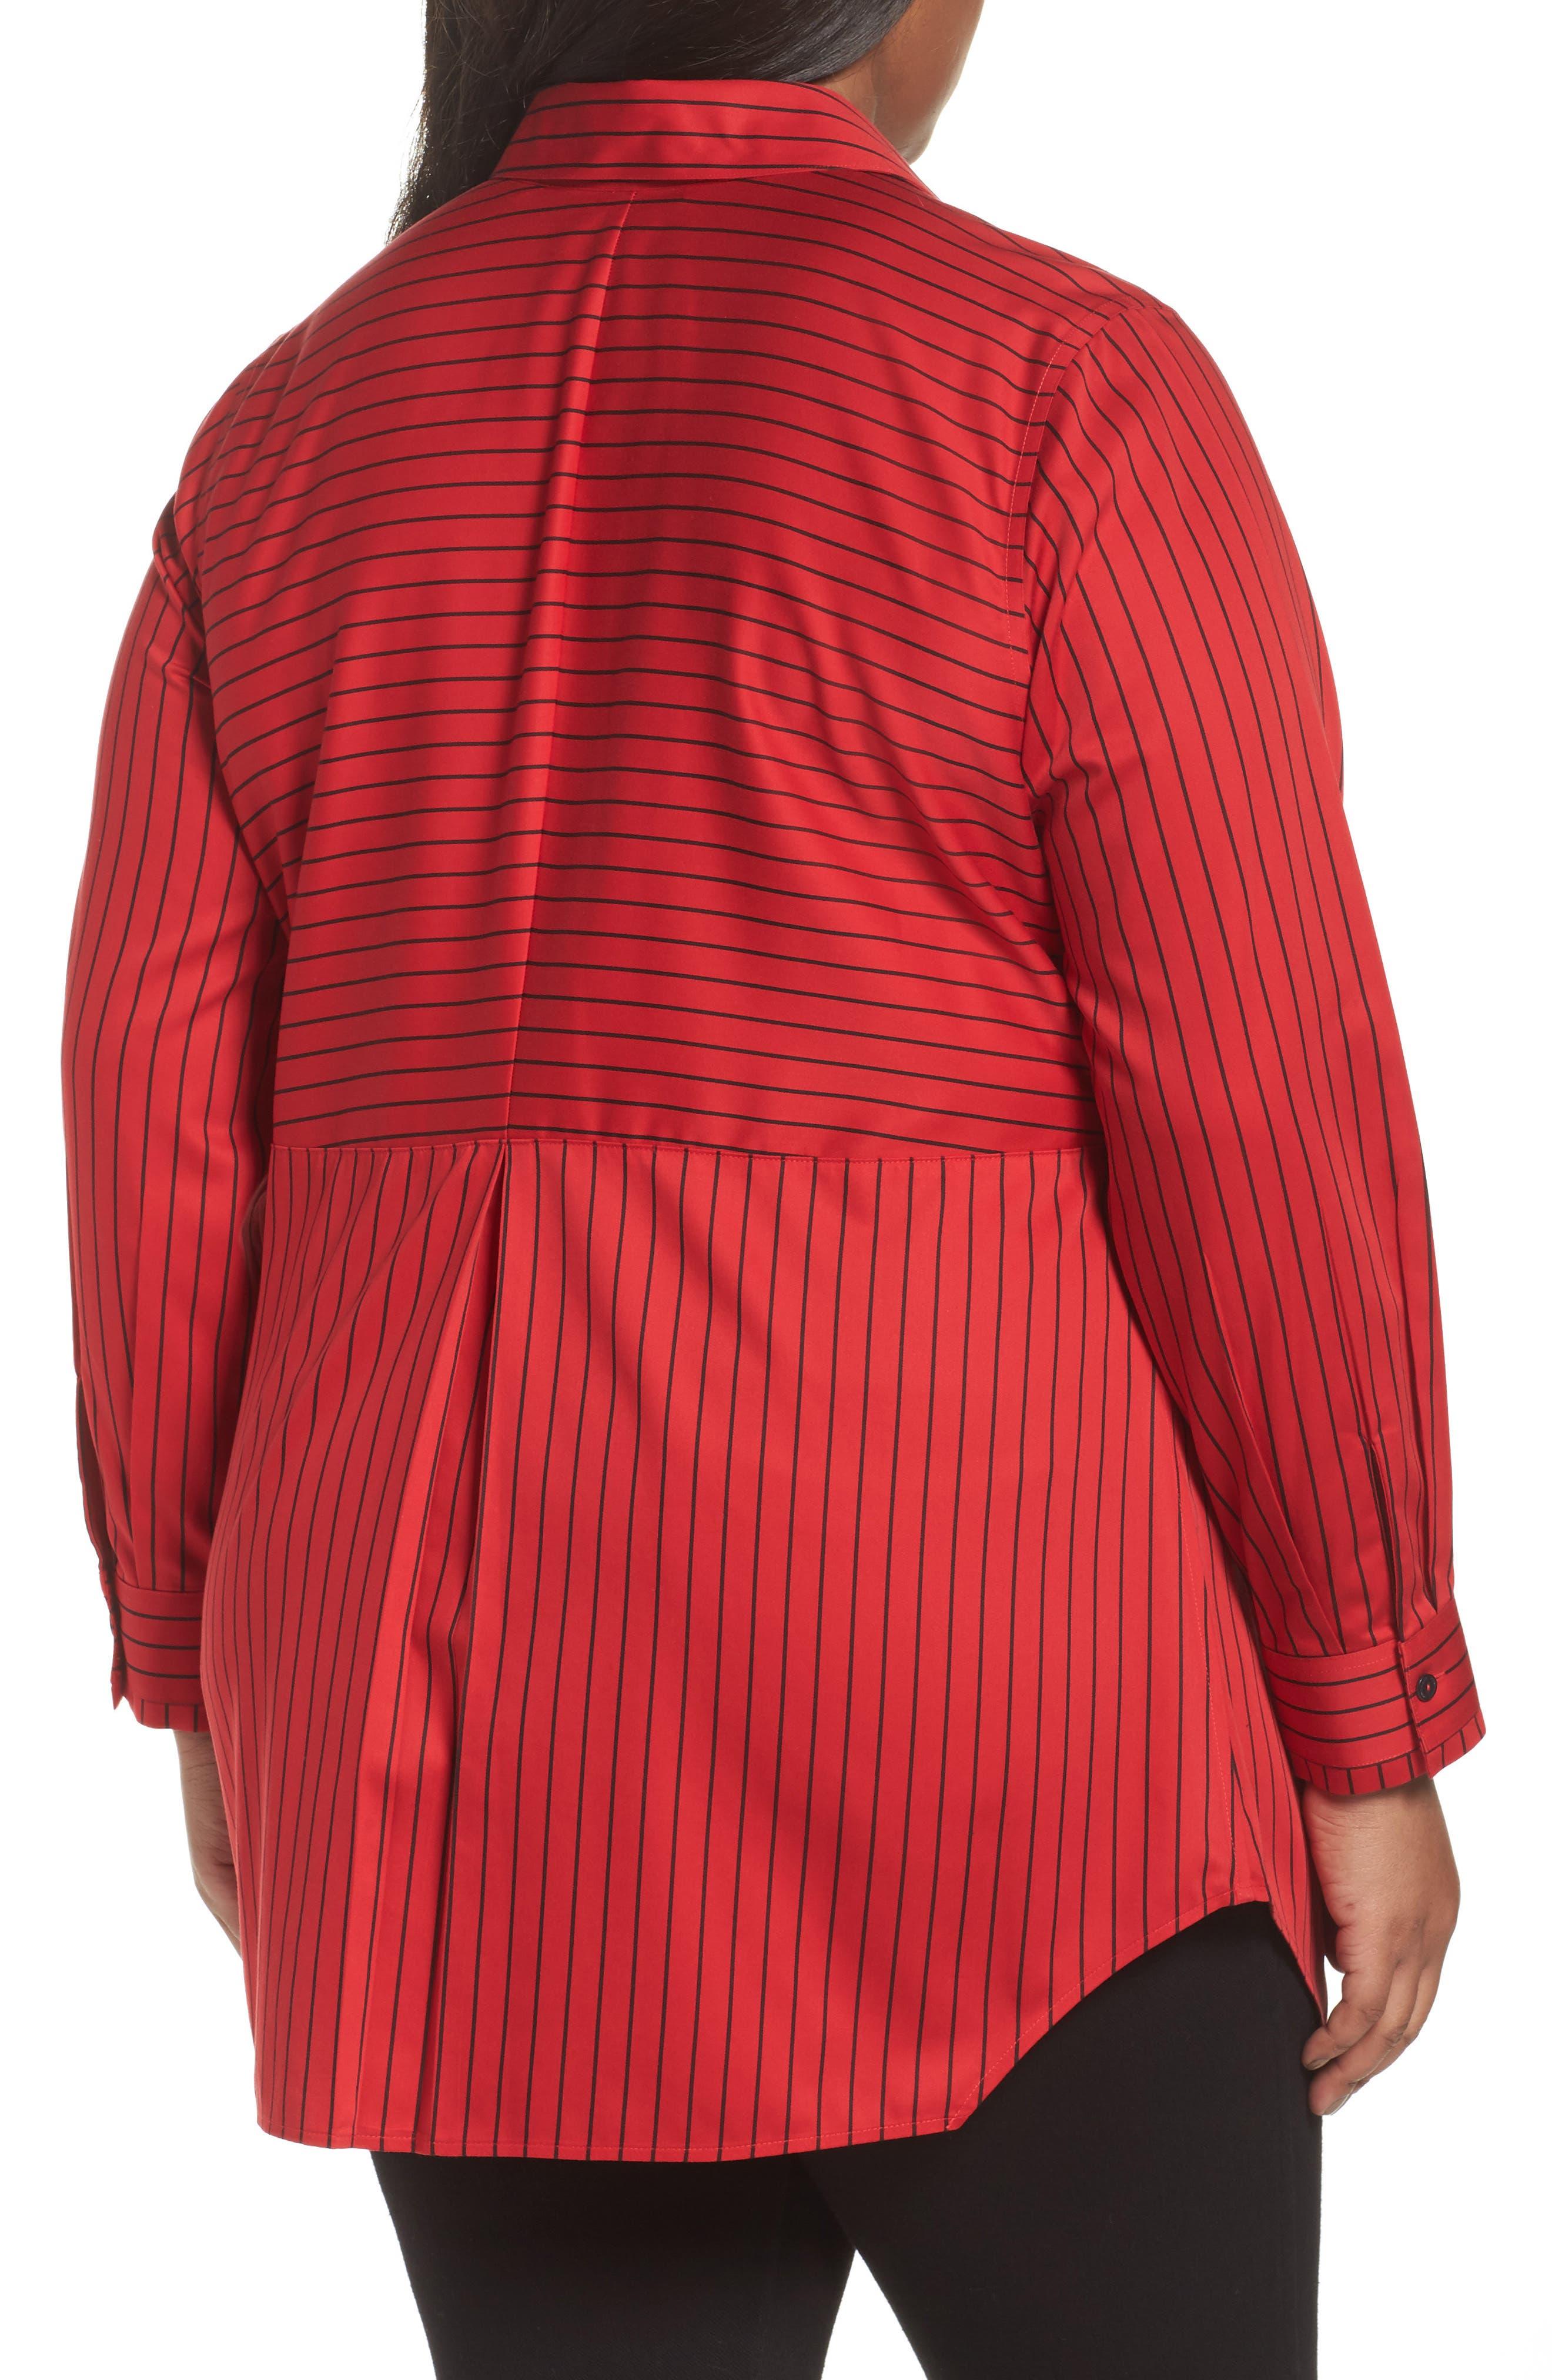 Gina Holiday Stripe Shirt,                             Alternate thumbnail 4, color,